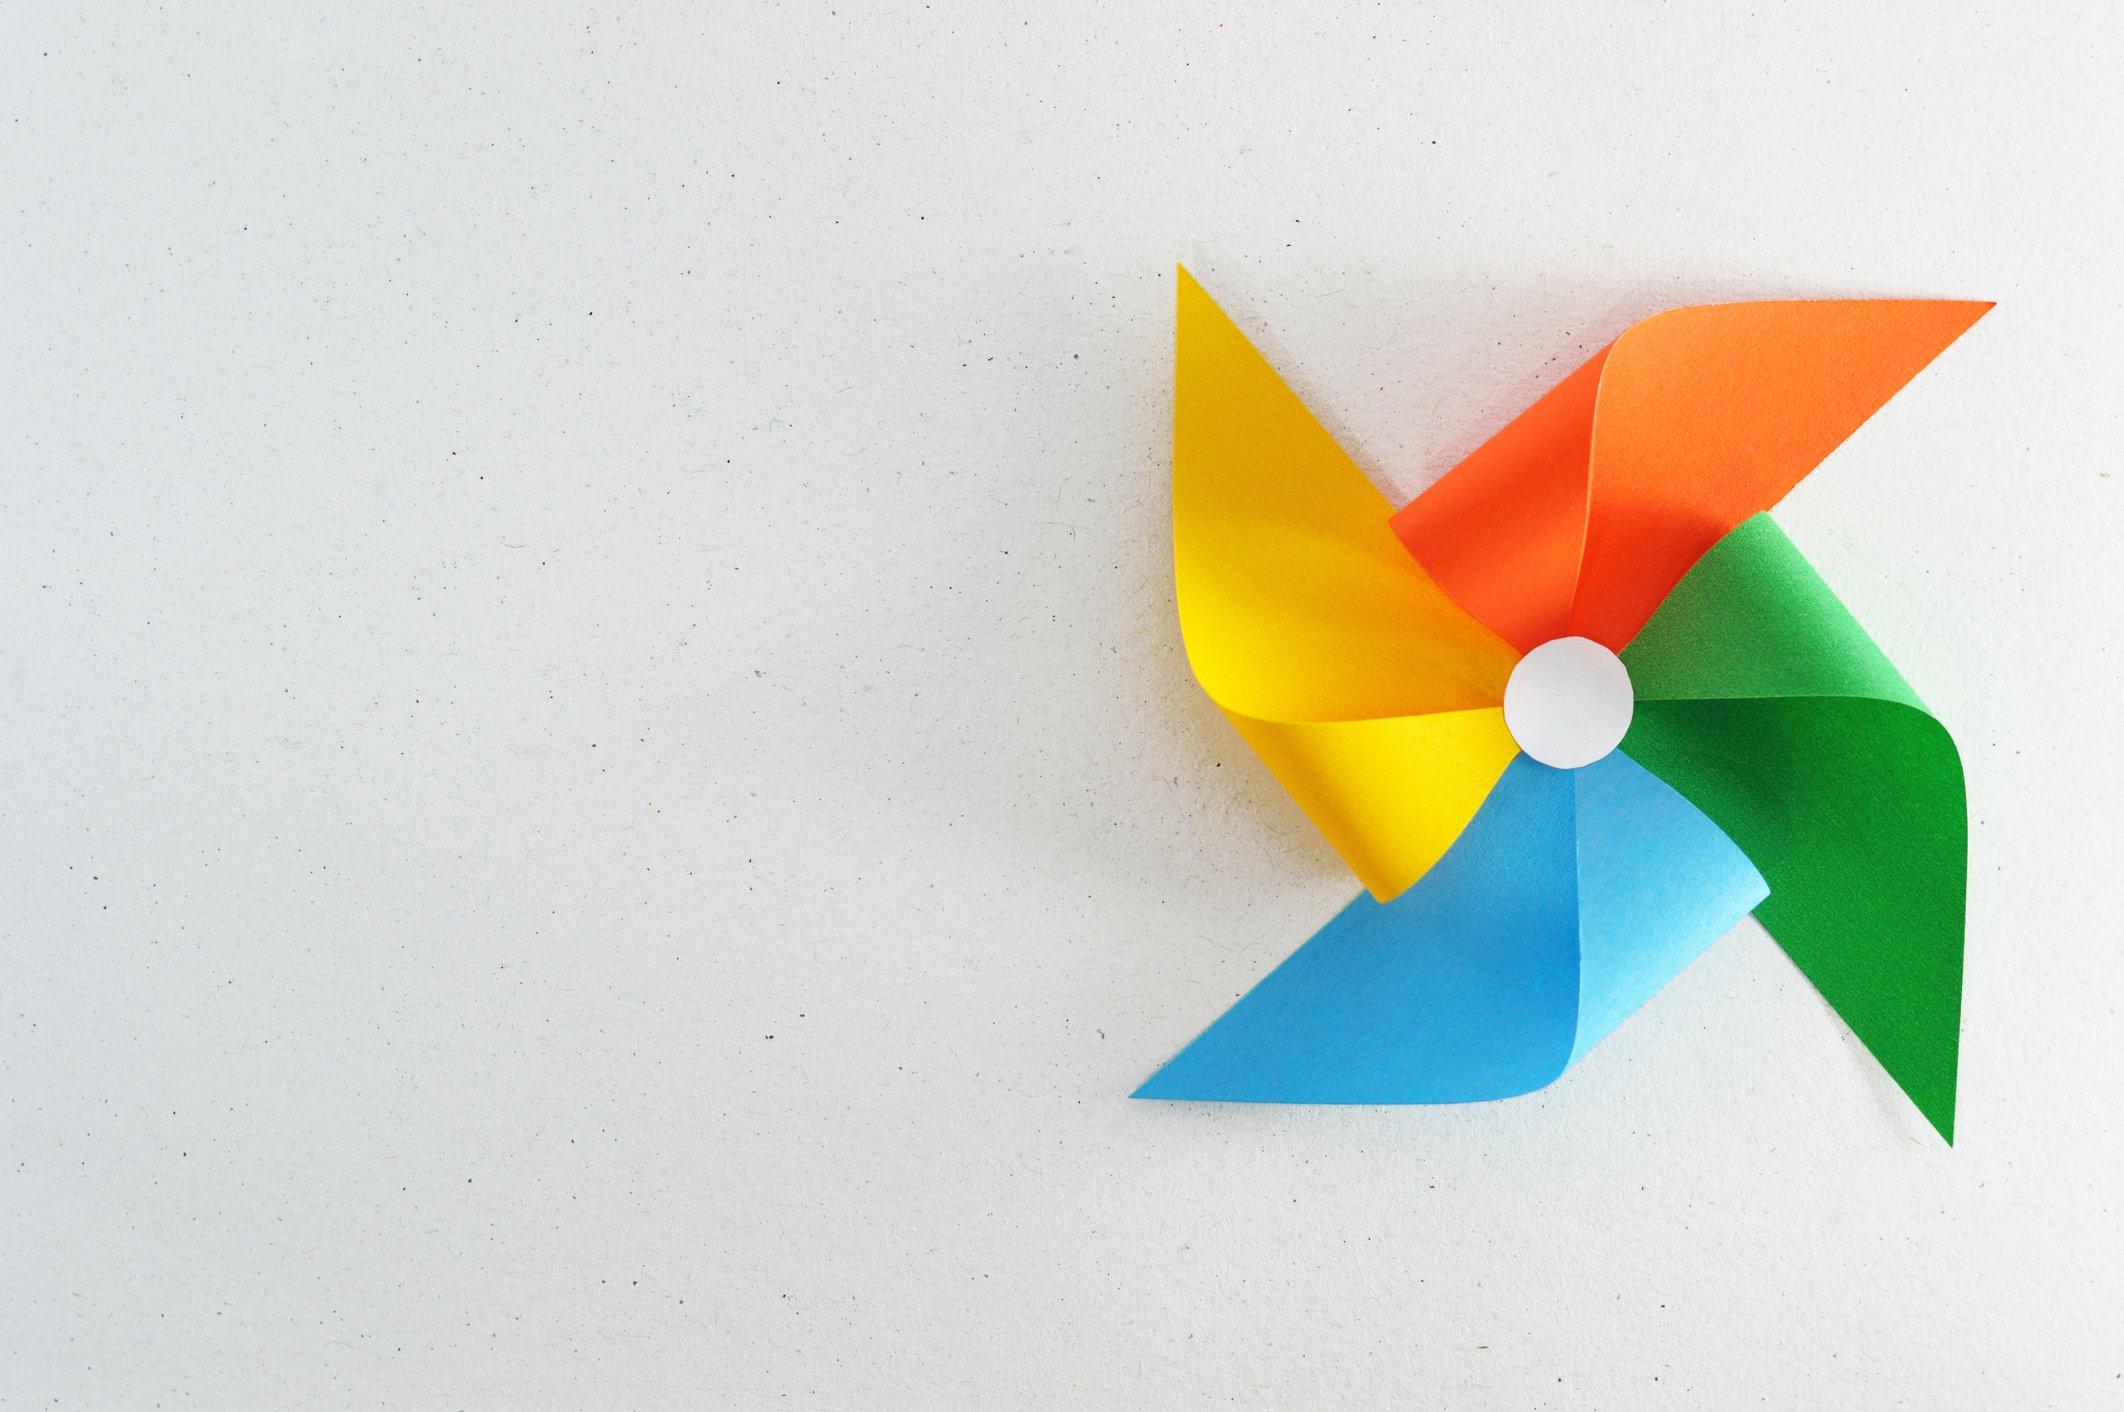 L_evoluzione_del_funnel_il_flywheel